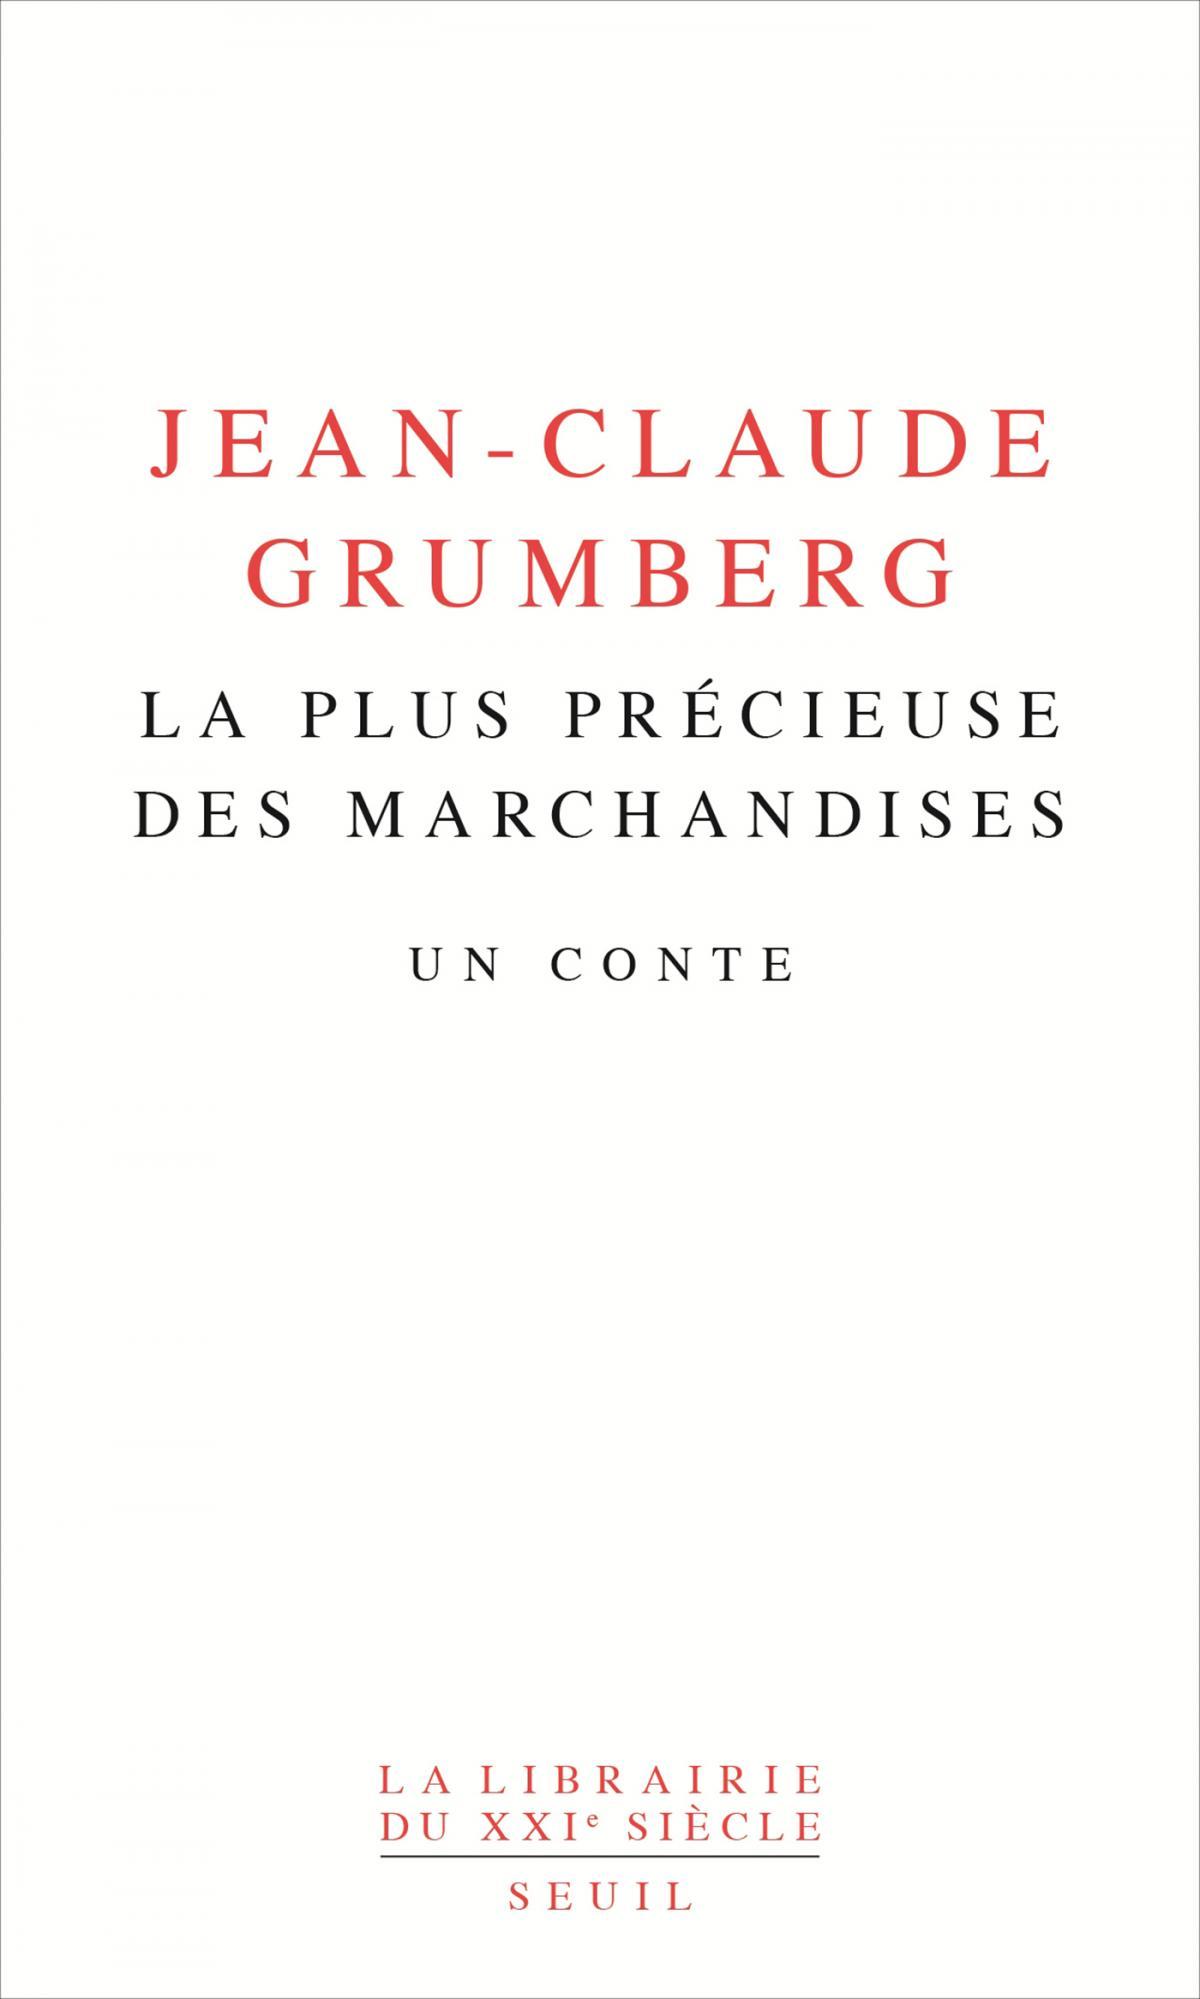 J.-C. Grumberg, La plus précieuse des marchandises. Un conte